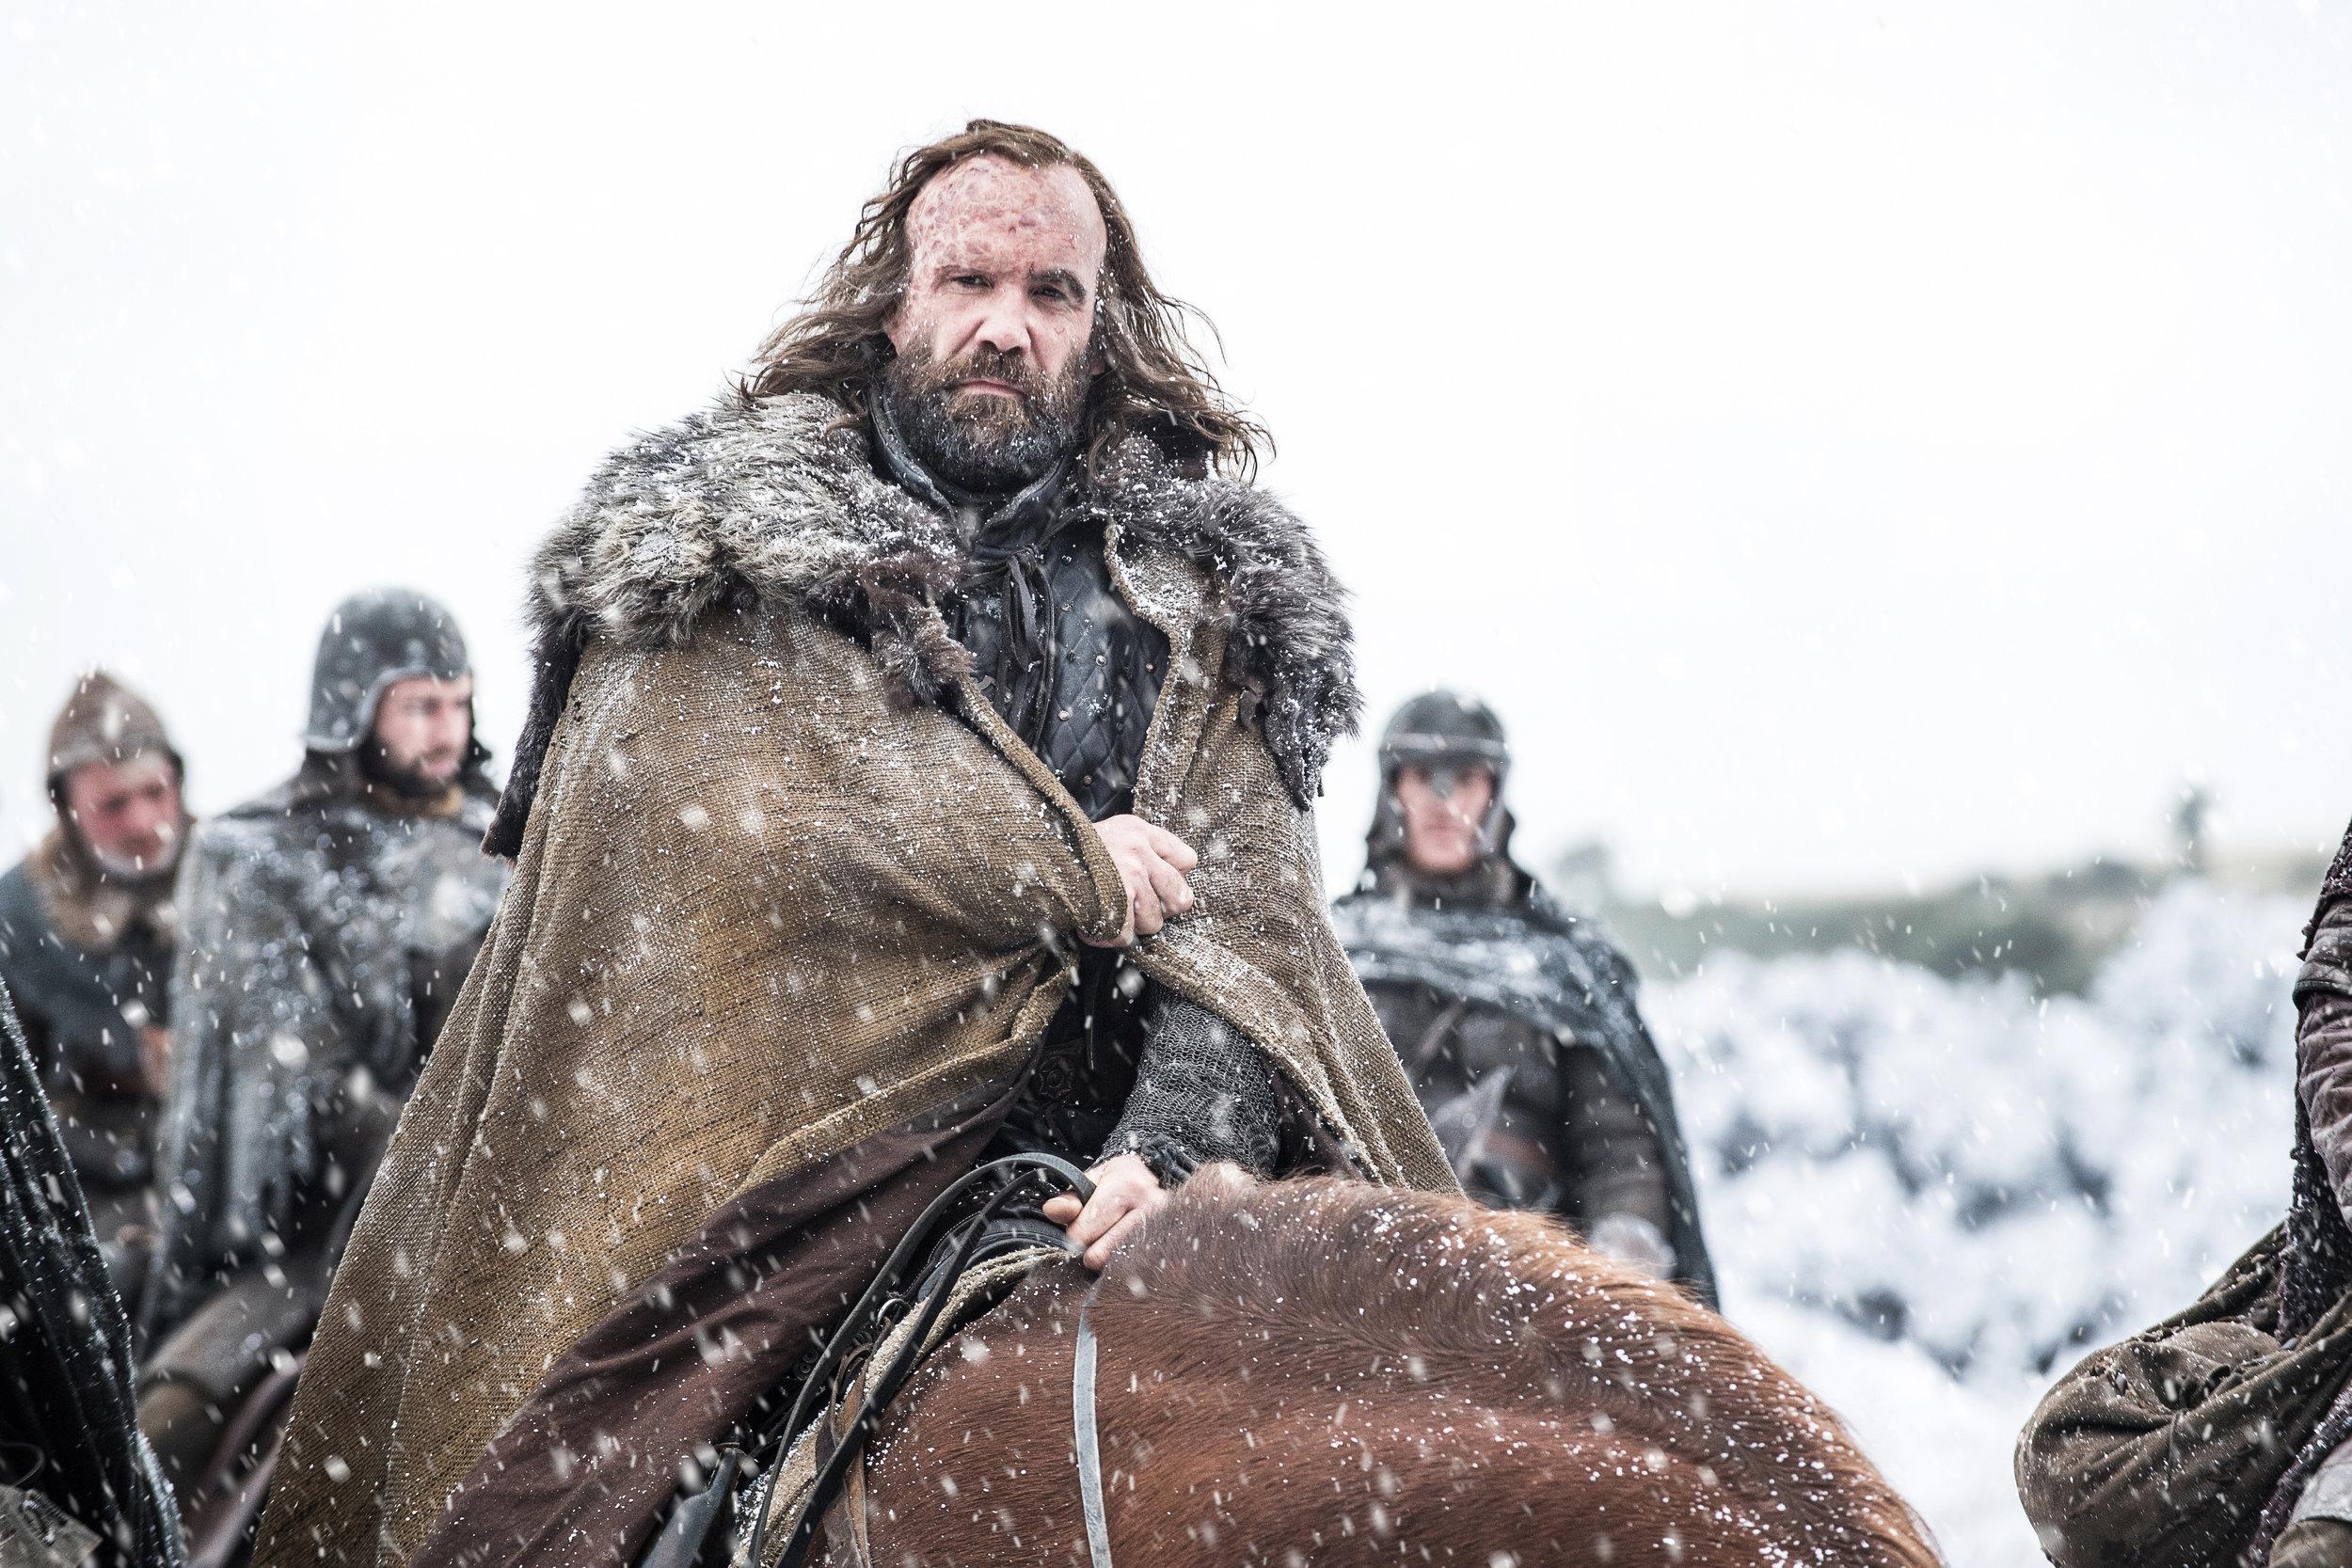 Sandor Clegane in 'Game of Thrones' Season 7